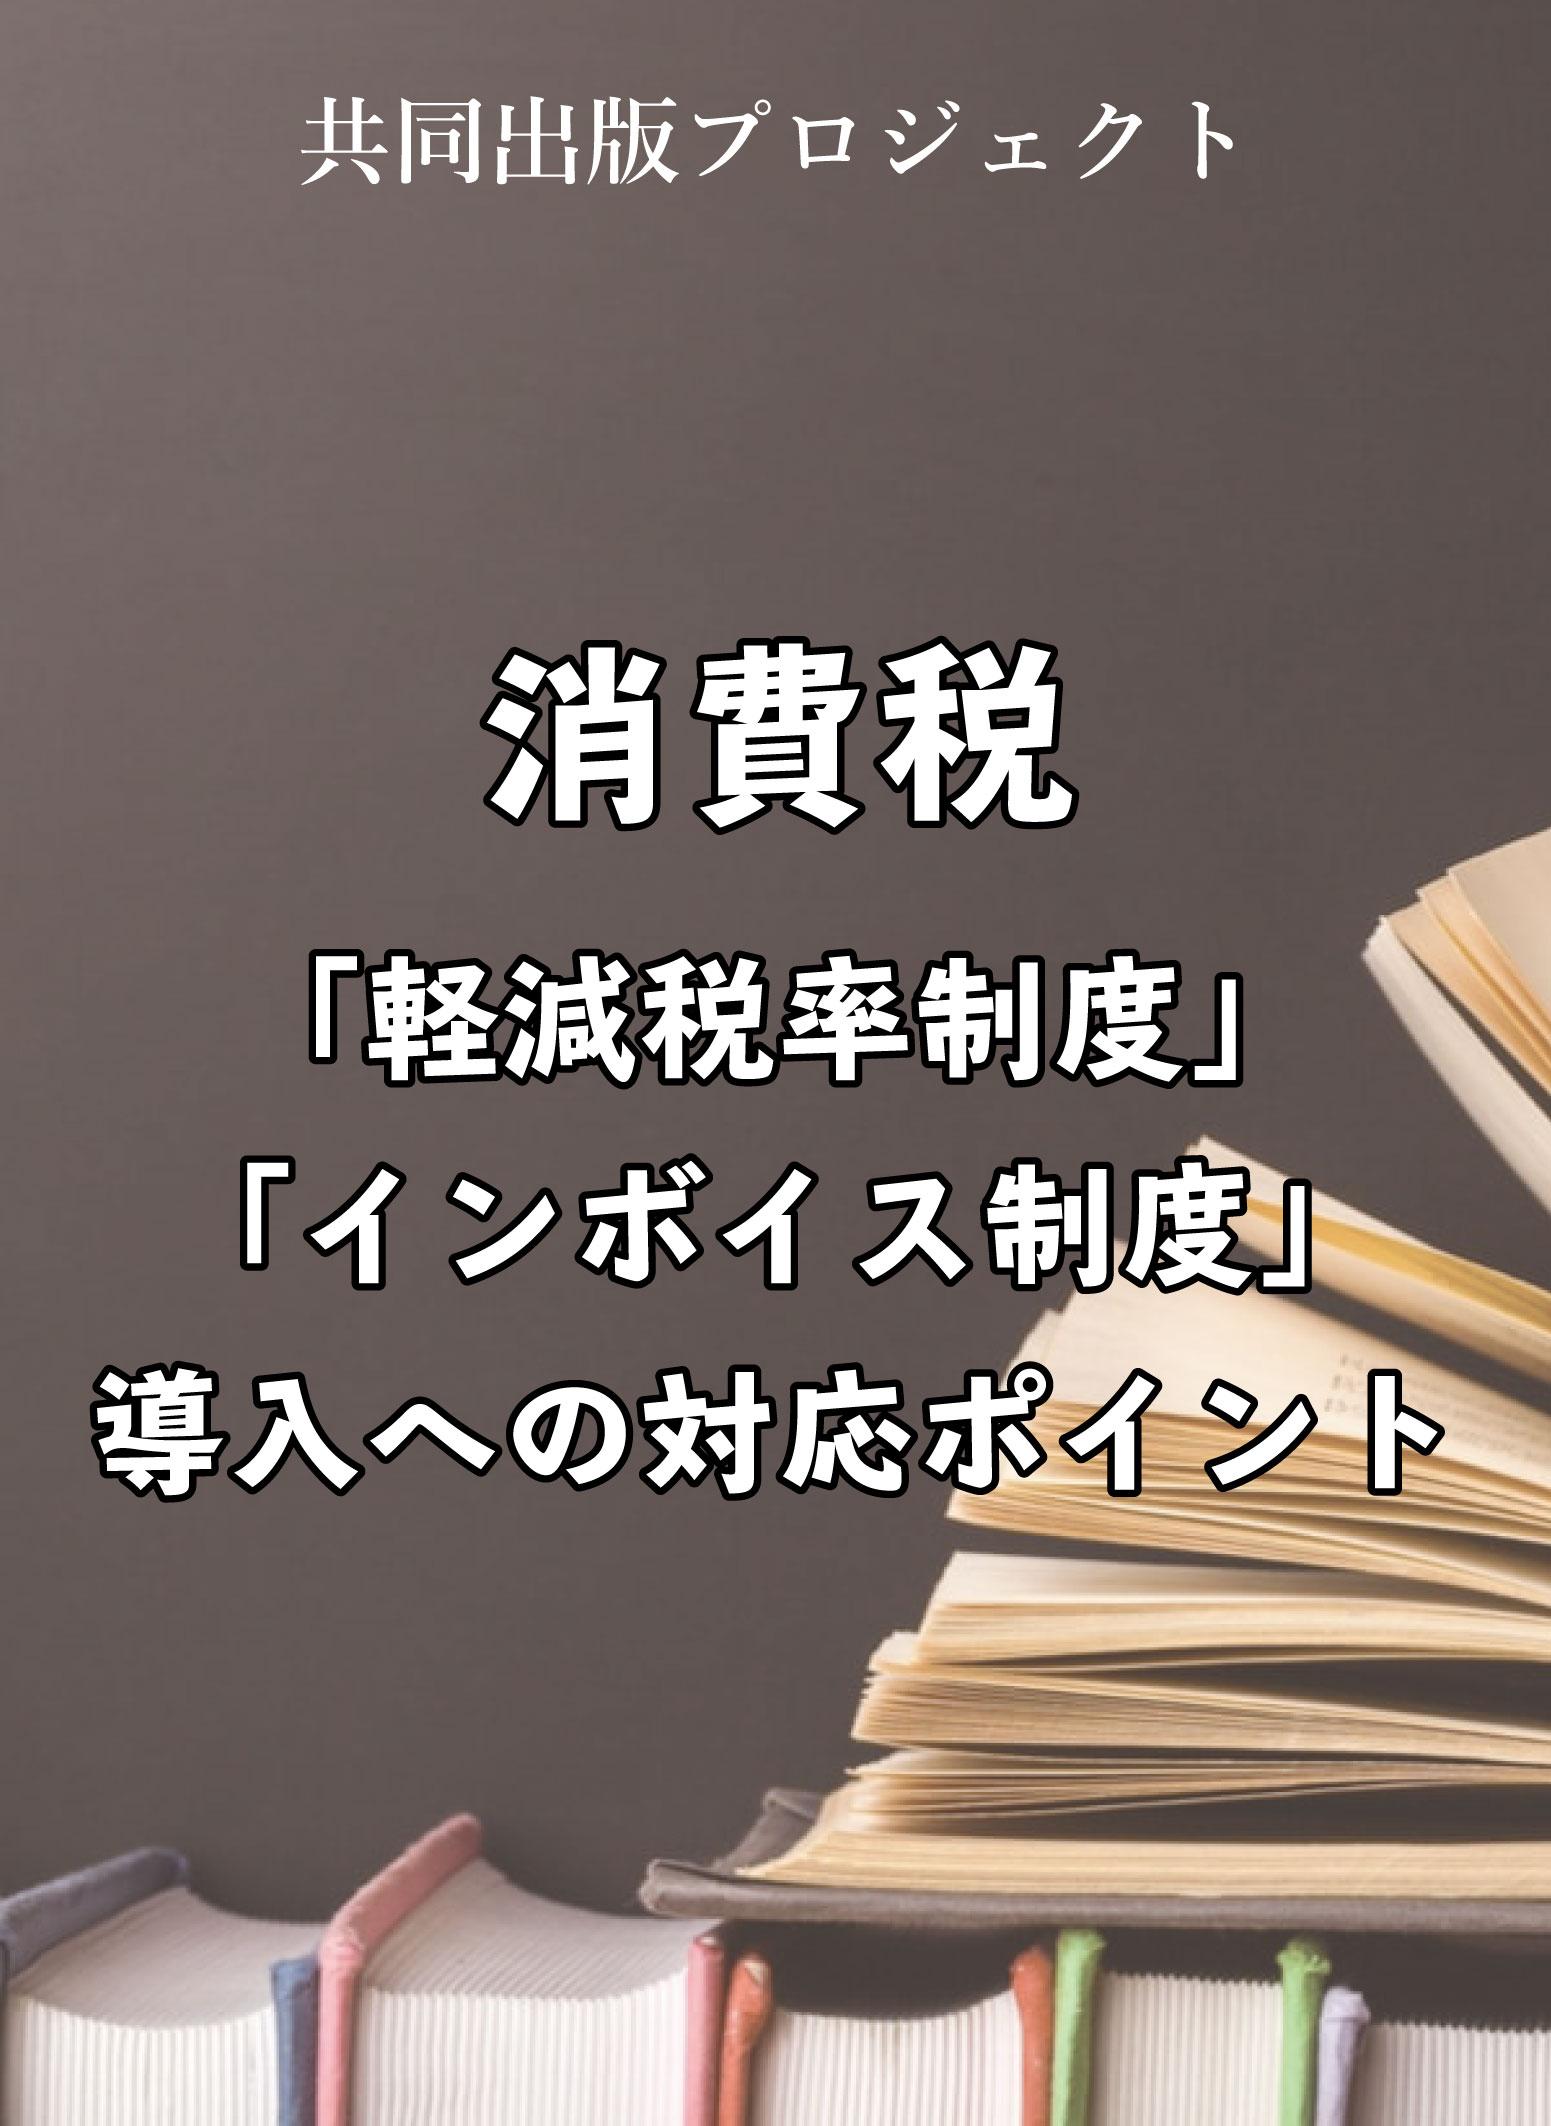 【募集終了】出版プロジェクト【春】消費税